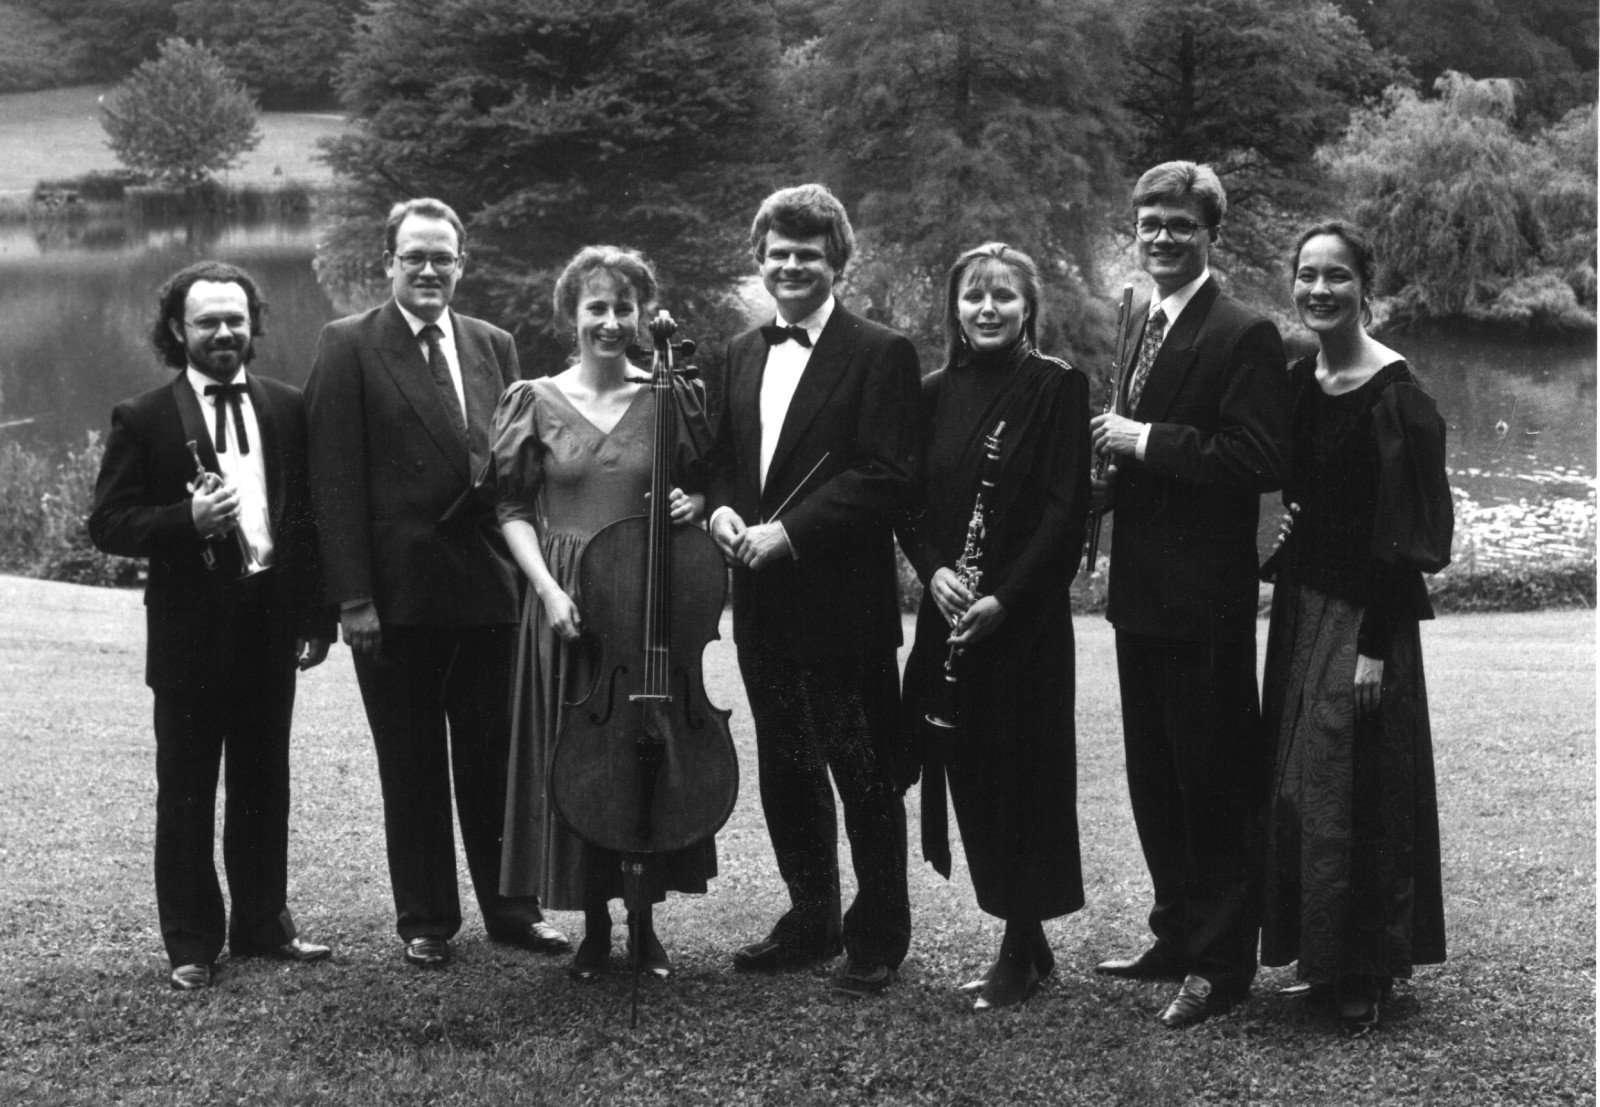 Første pressefoto, ensemblet i Liselund Slotspark, 1991